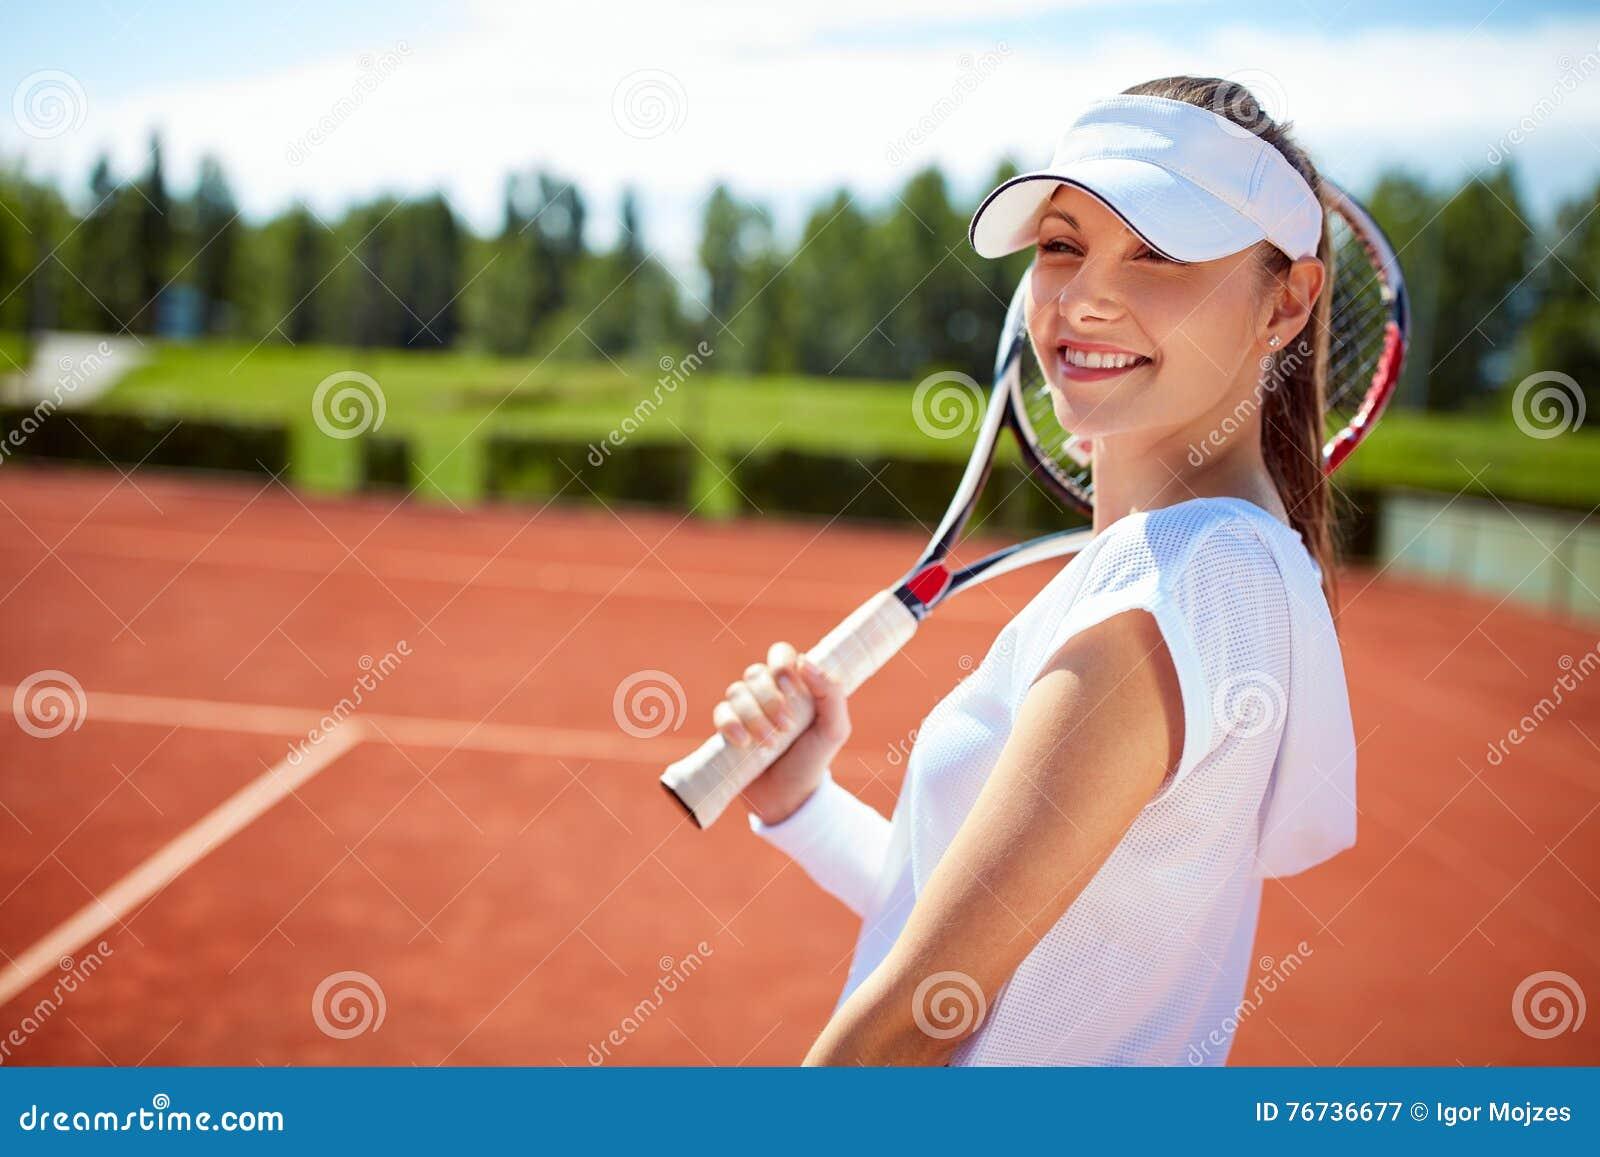 Теннисная  на девушках